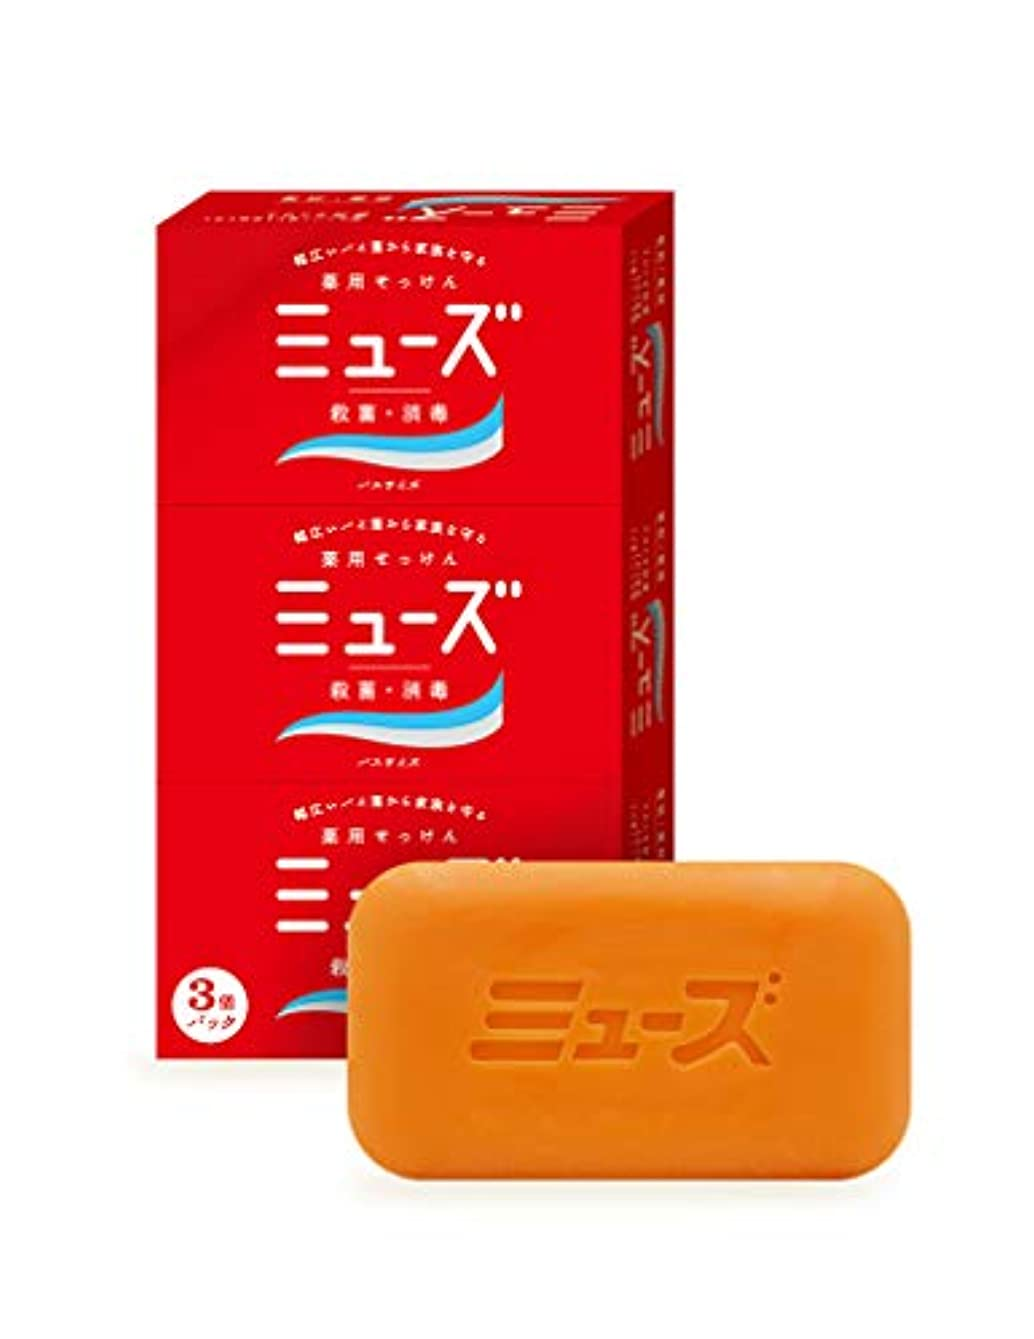 苗賢いオレンジ【医薬部外品】ミューズ石鹸バスサイズ 3個パック